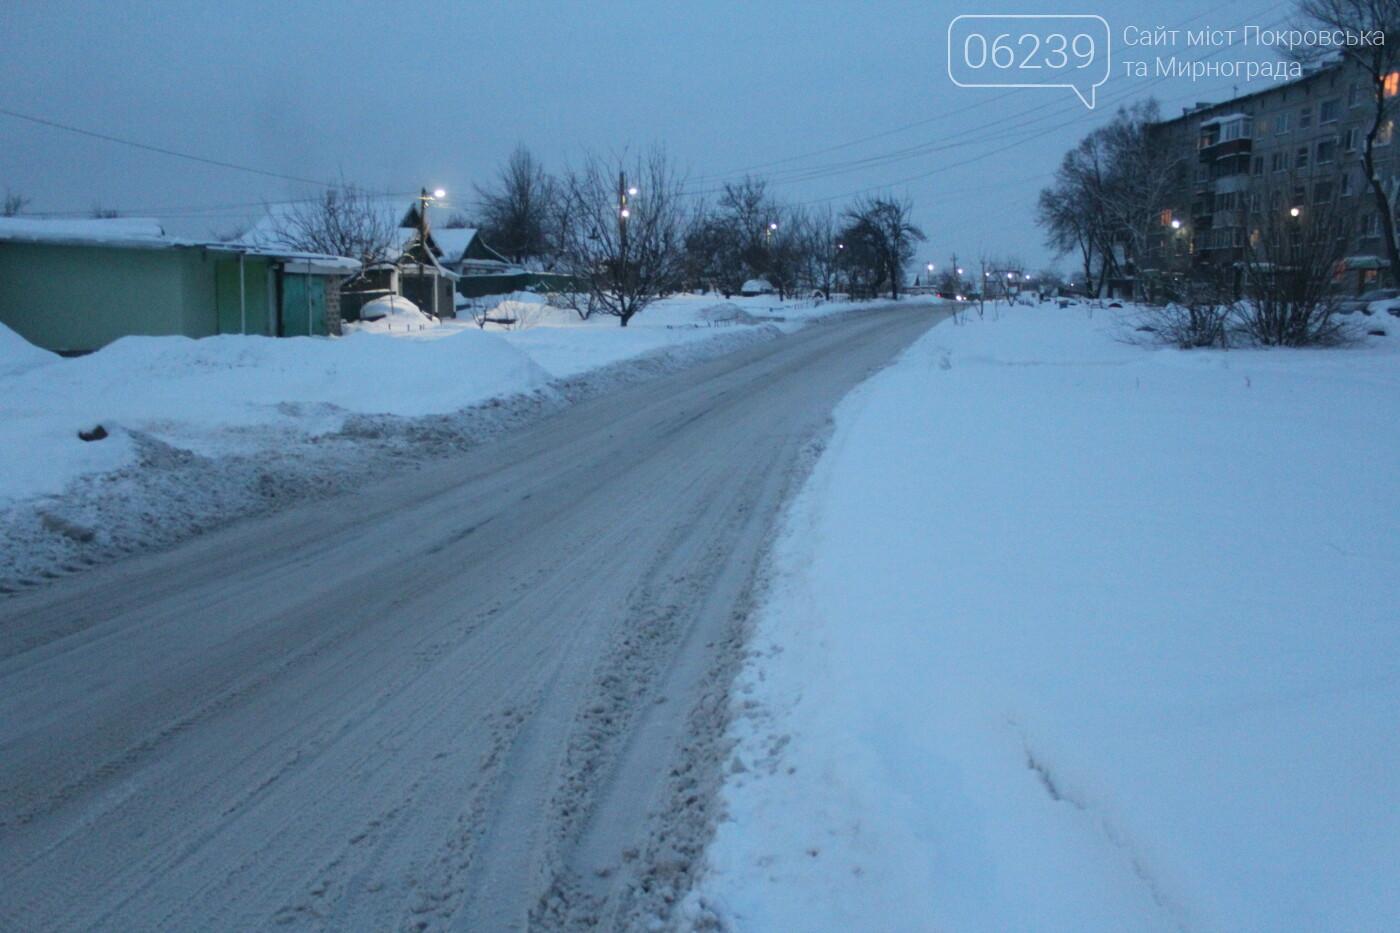 Ухудшение погодных условий: готов ли заснеженный Мирноград к непогоде? , фото-3